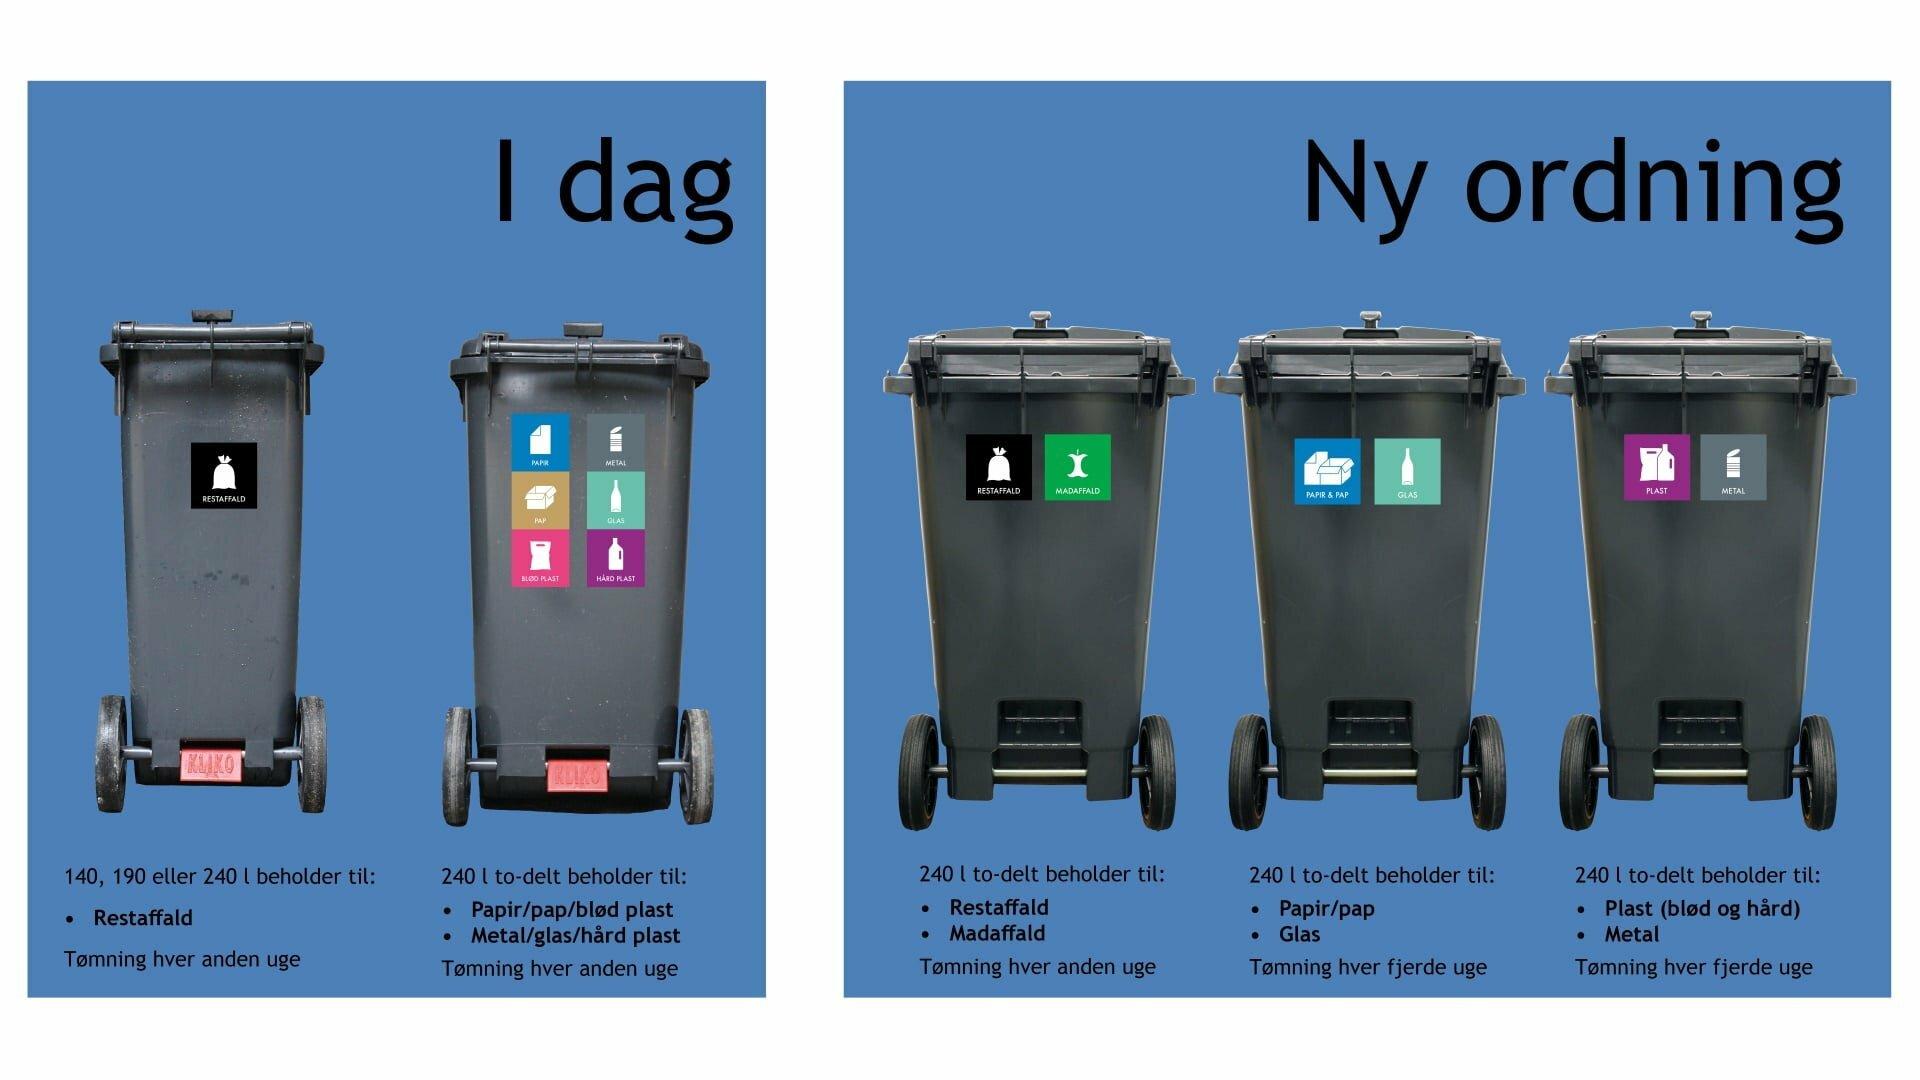 Her er standardløsningen for de nye affaldsbeholdere.